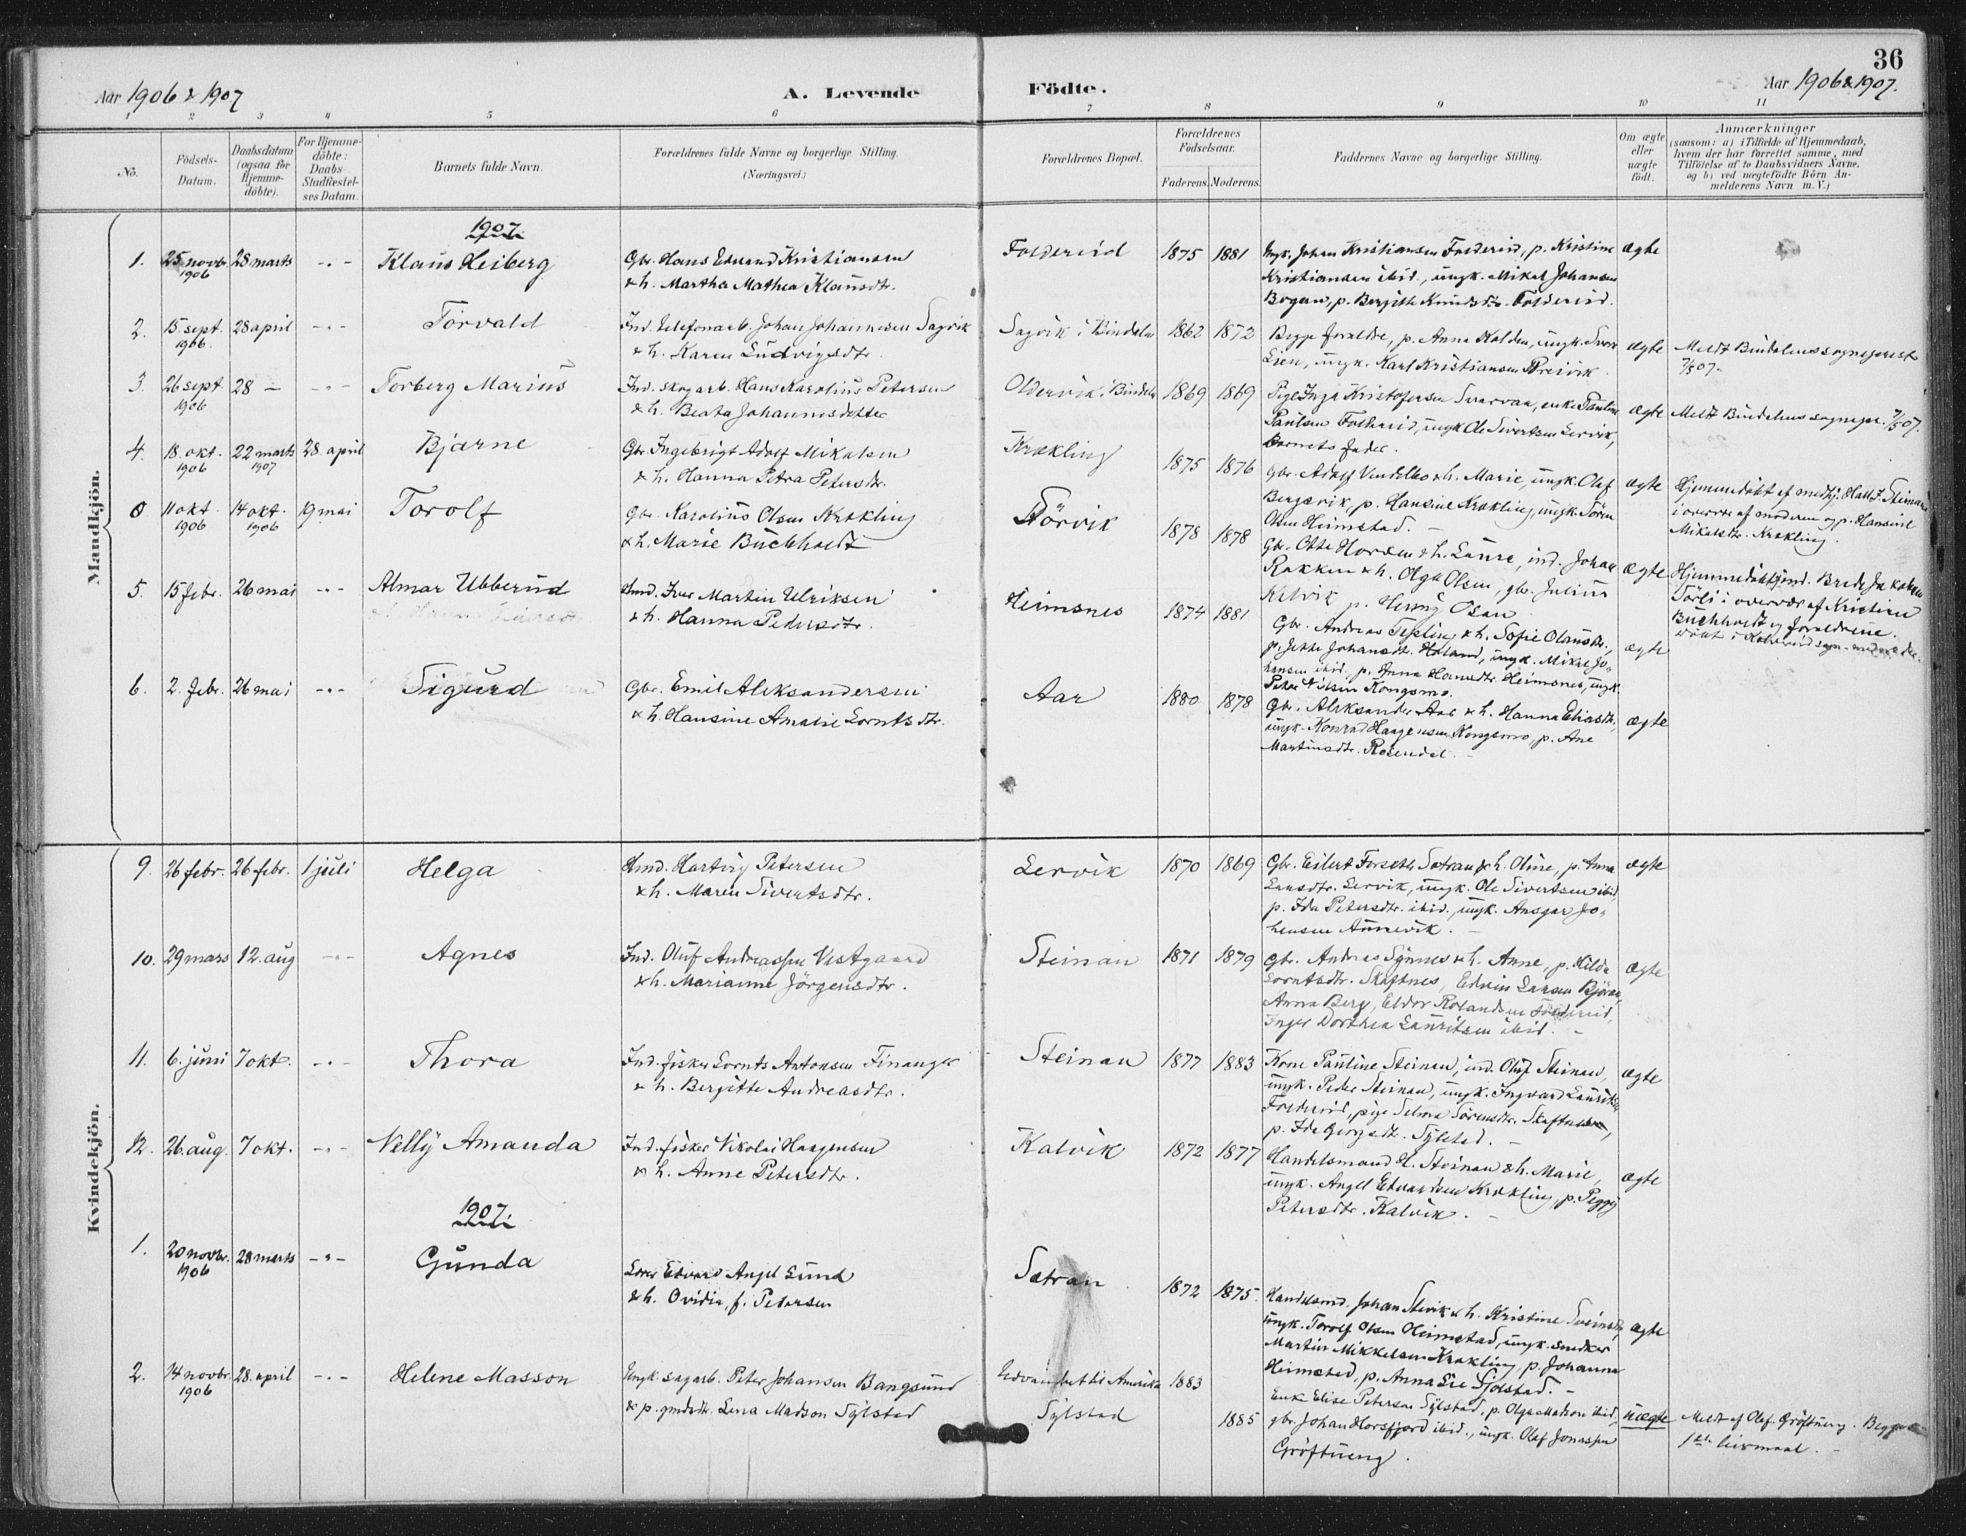 SAT, Ministerialprotokoller, klokkerbøker og fødselsregistre - Nord-Trøndelag, 783/L0660: Ministerialbok nr. 783A02, 1886-1918, s. 36